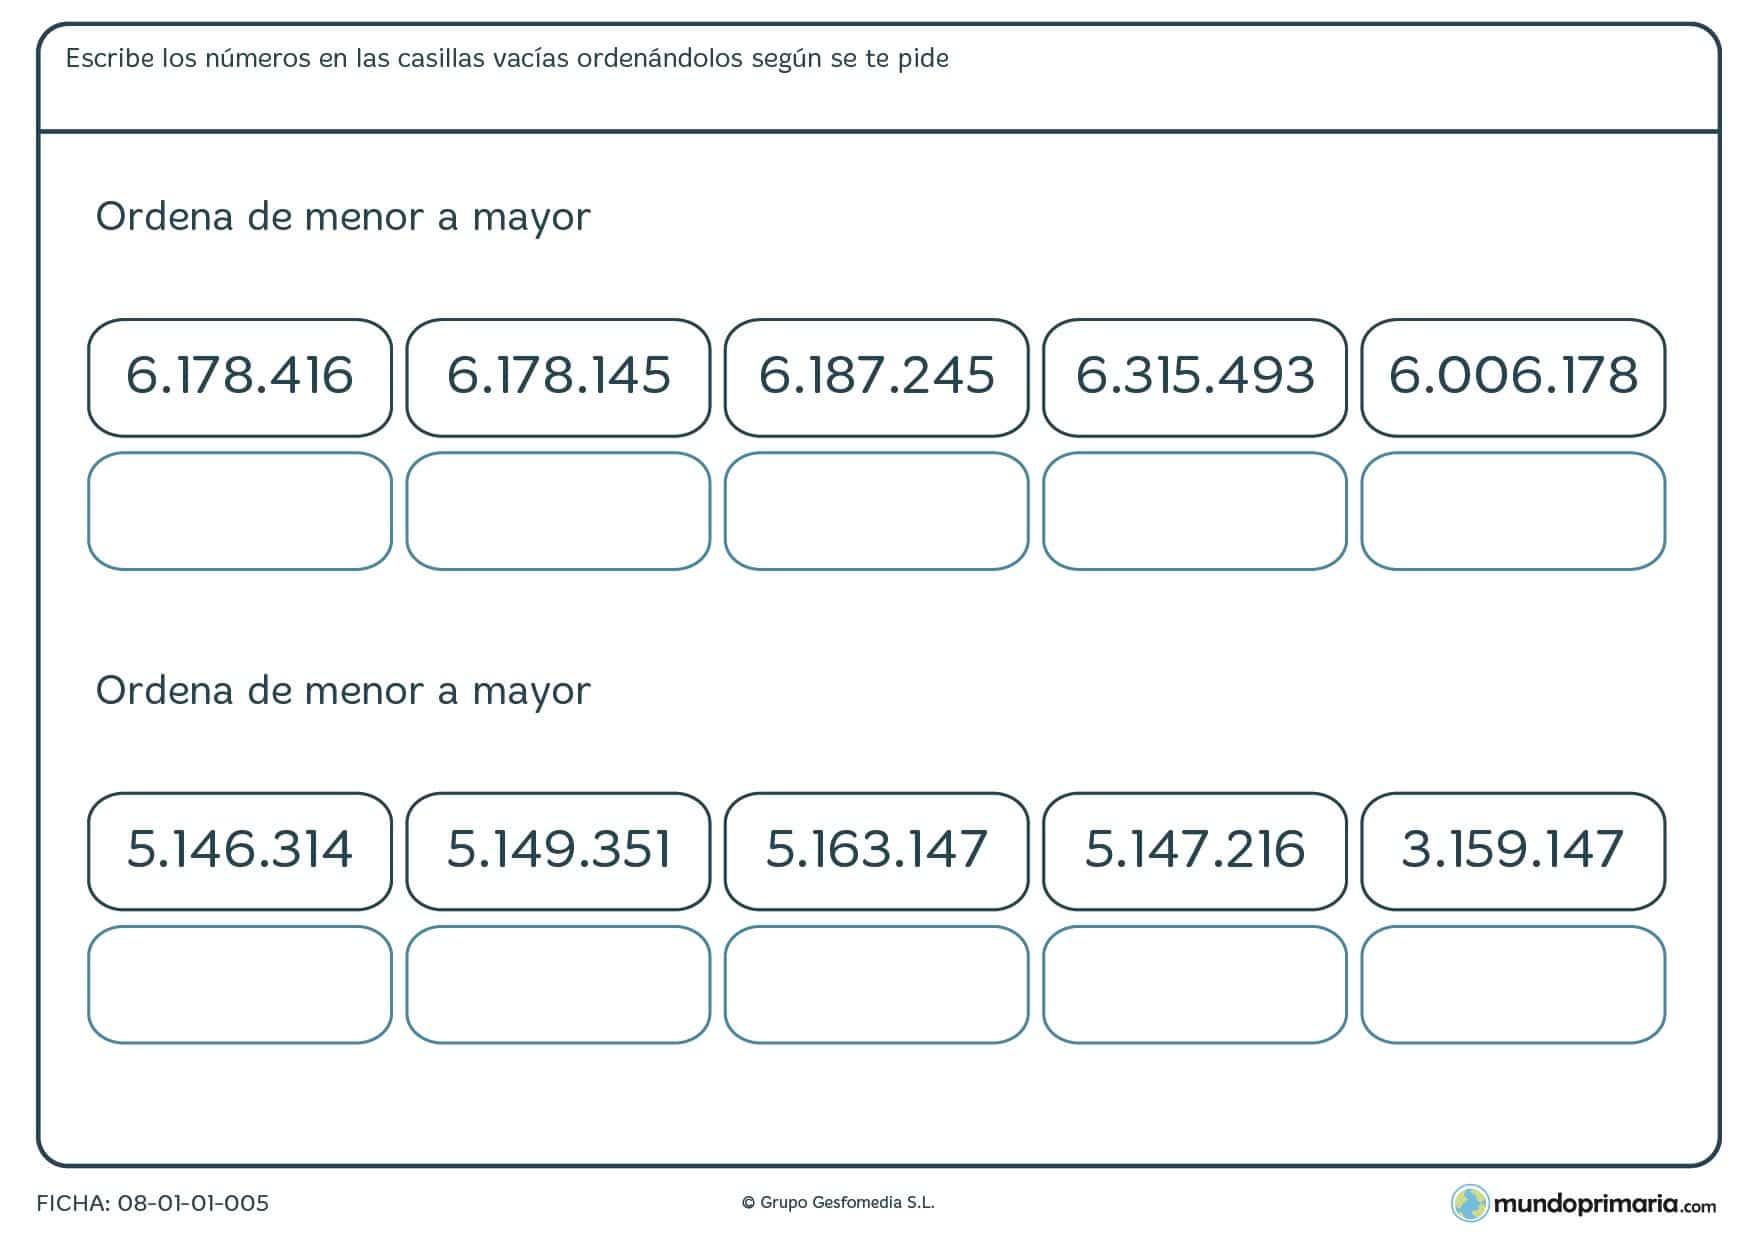 Ficha de clasificar de mayor a menor con 7 cifras en la que habrás de completar correctamente las casillas en blanco.